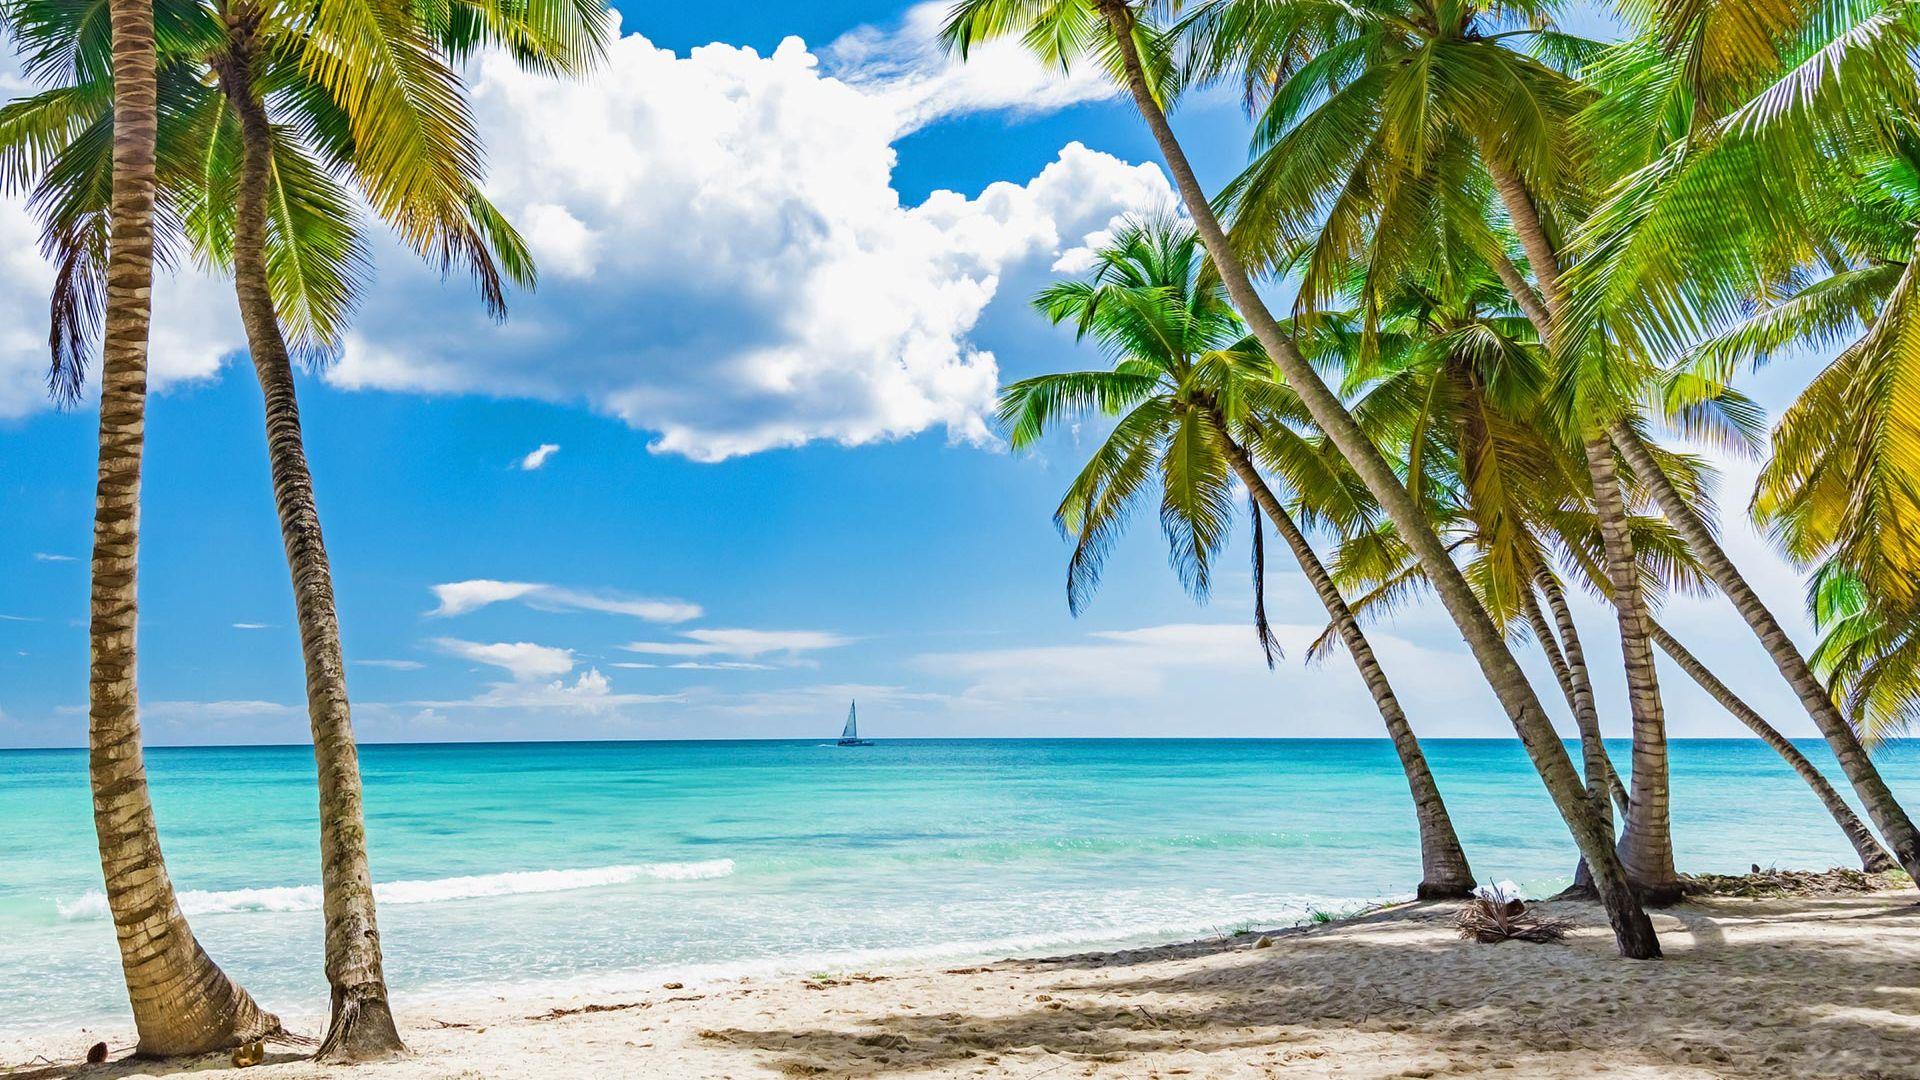 Sejur plaja Punta Cana, Republica Dominicana, 9 zile - 20 August 2021